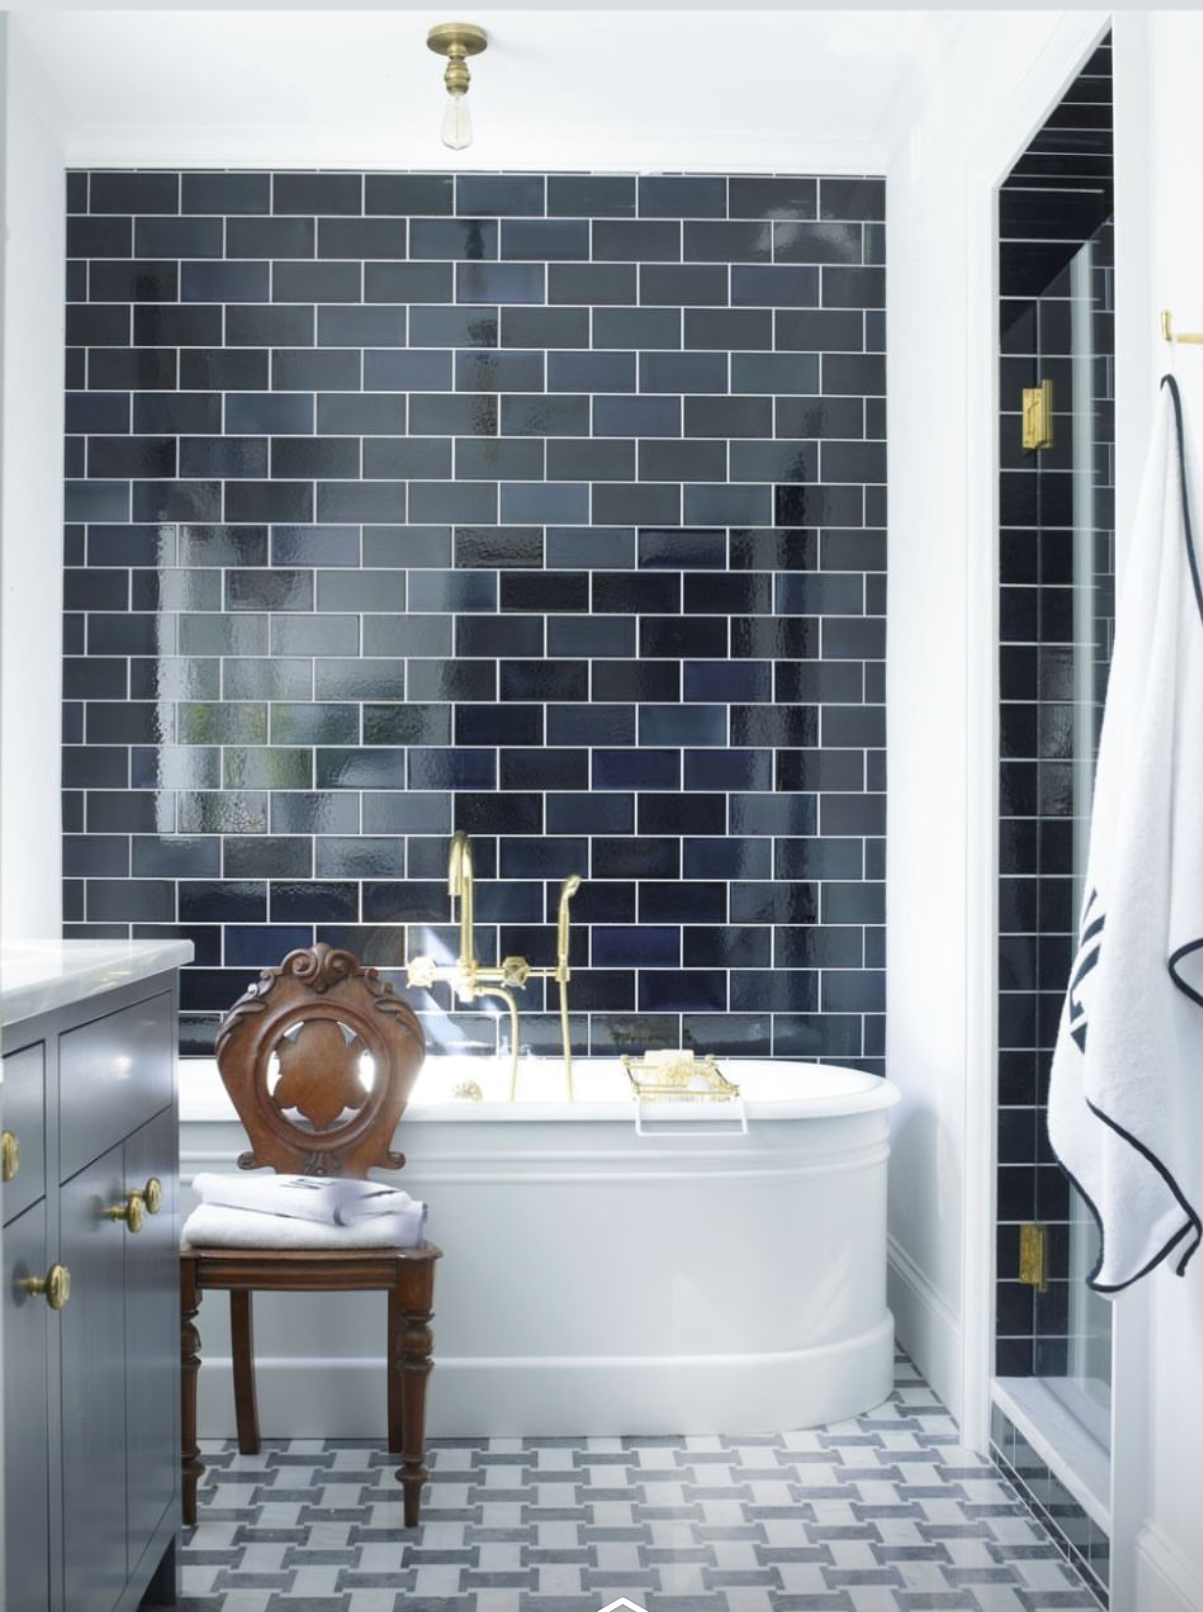 Grey Bathroom in 2020 Bathroom design, Bathroom interior